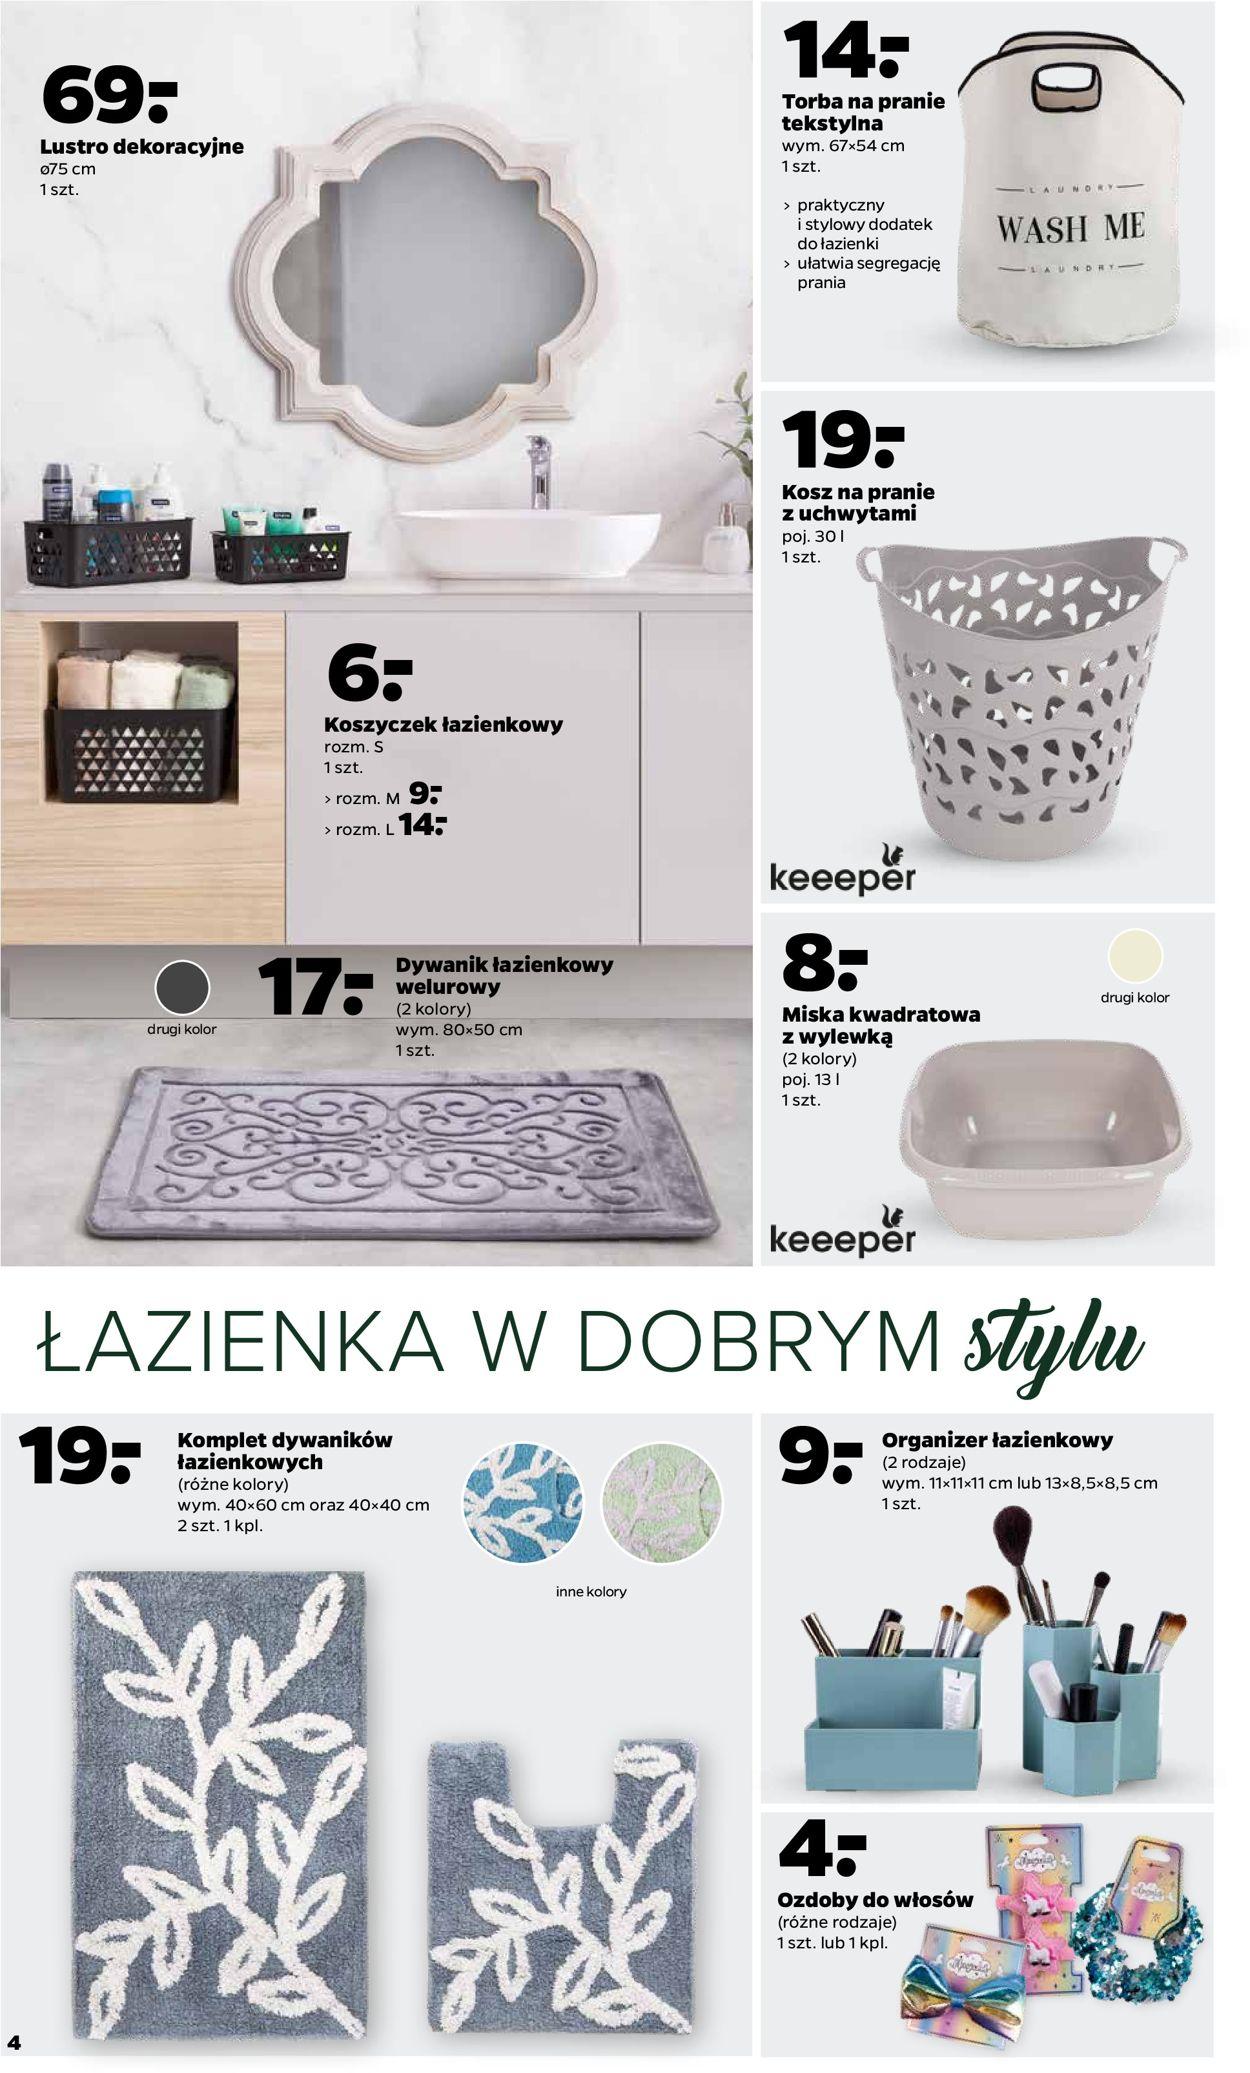 Gazetka promocyjna Netto - 15.03-20.03.2021 (Strona 4)